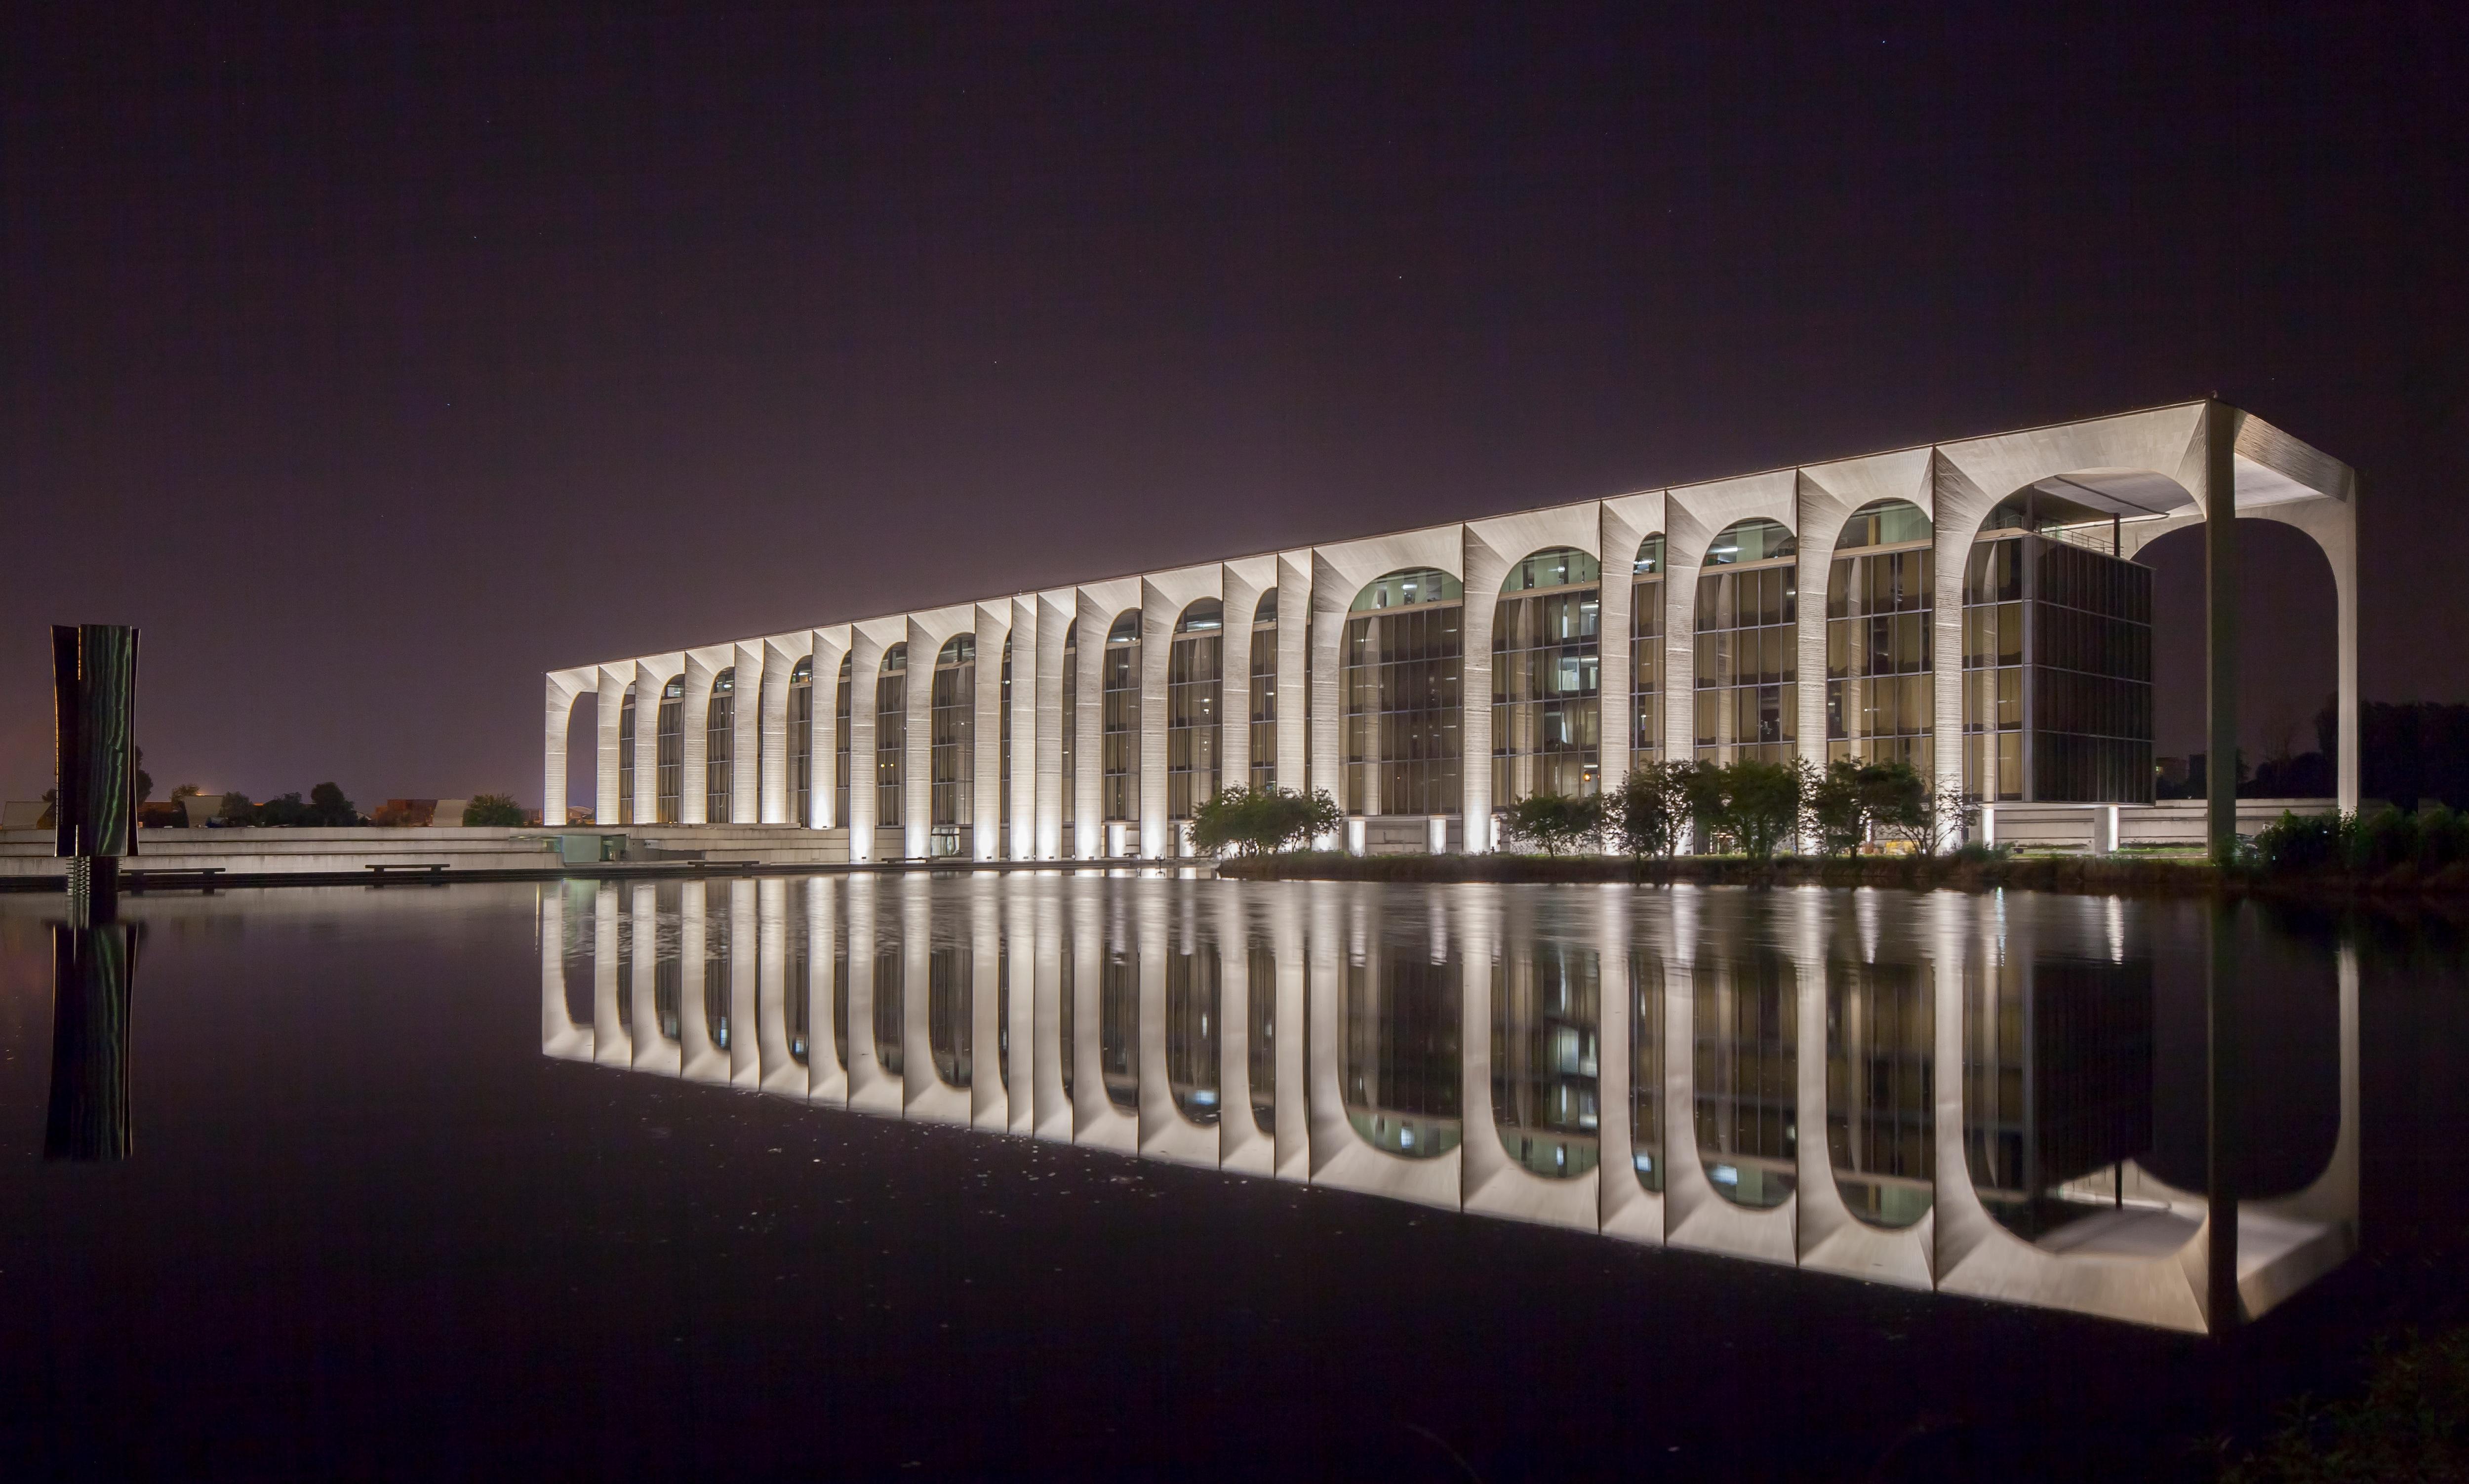 Una nuova illuminazione permanente per il palazzo for Interni mondadori